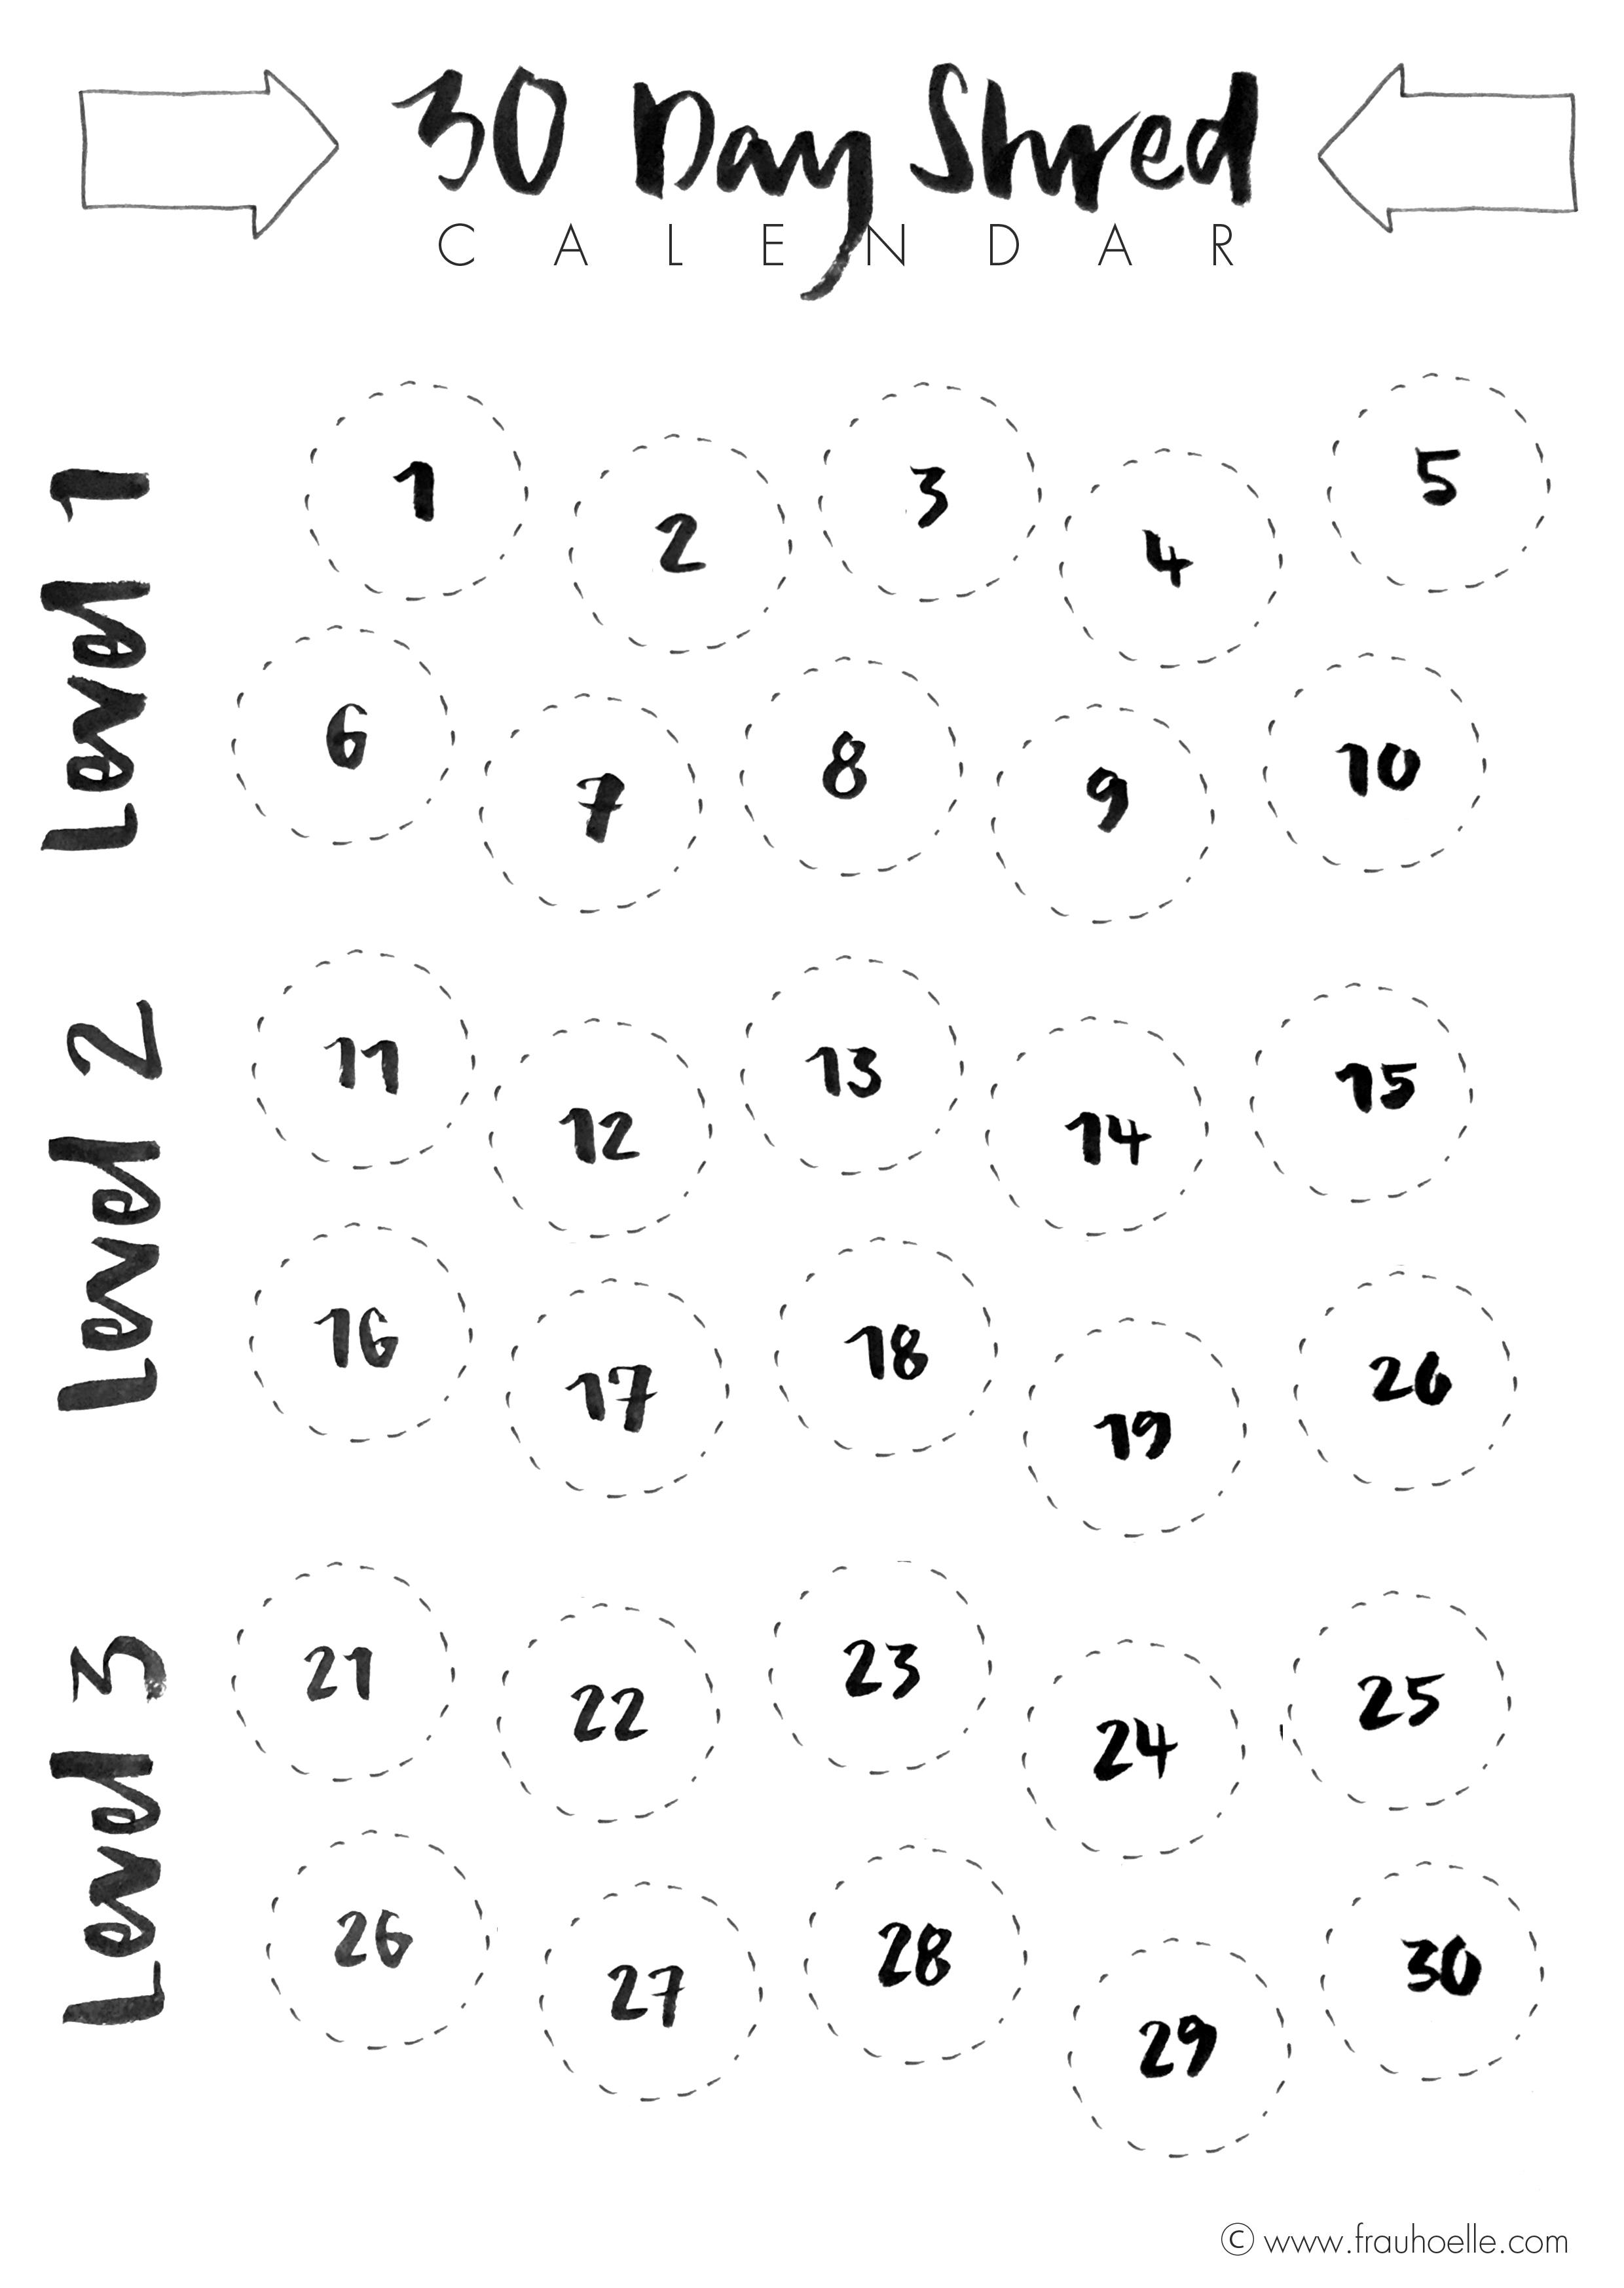 Weg Mit Dem Speck Die 30 Tage Shred Challenge Mit Brush Lettering